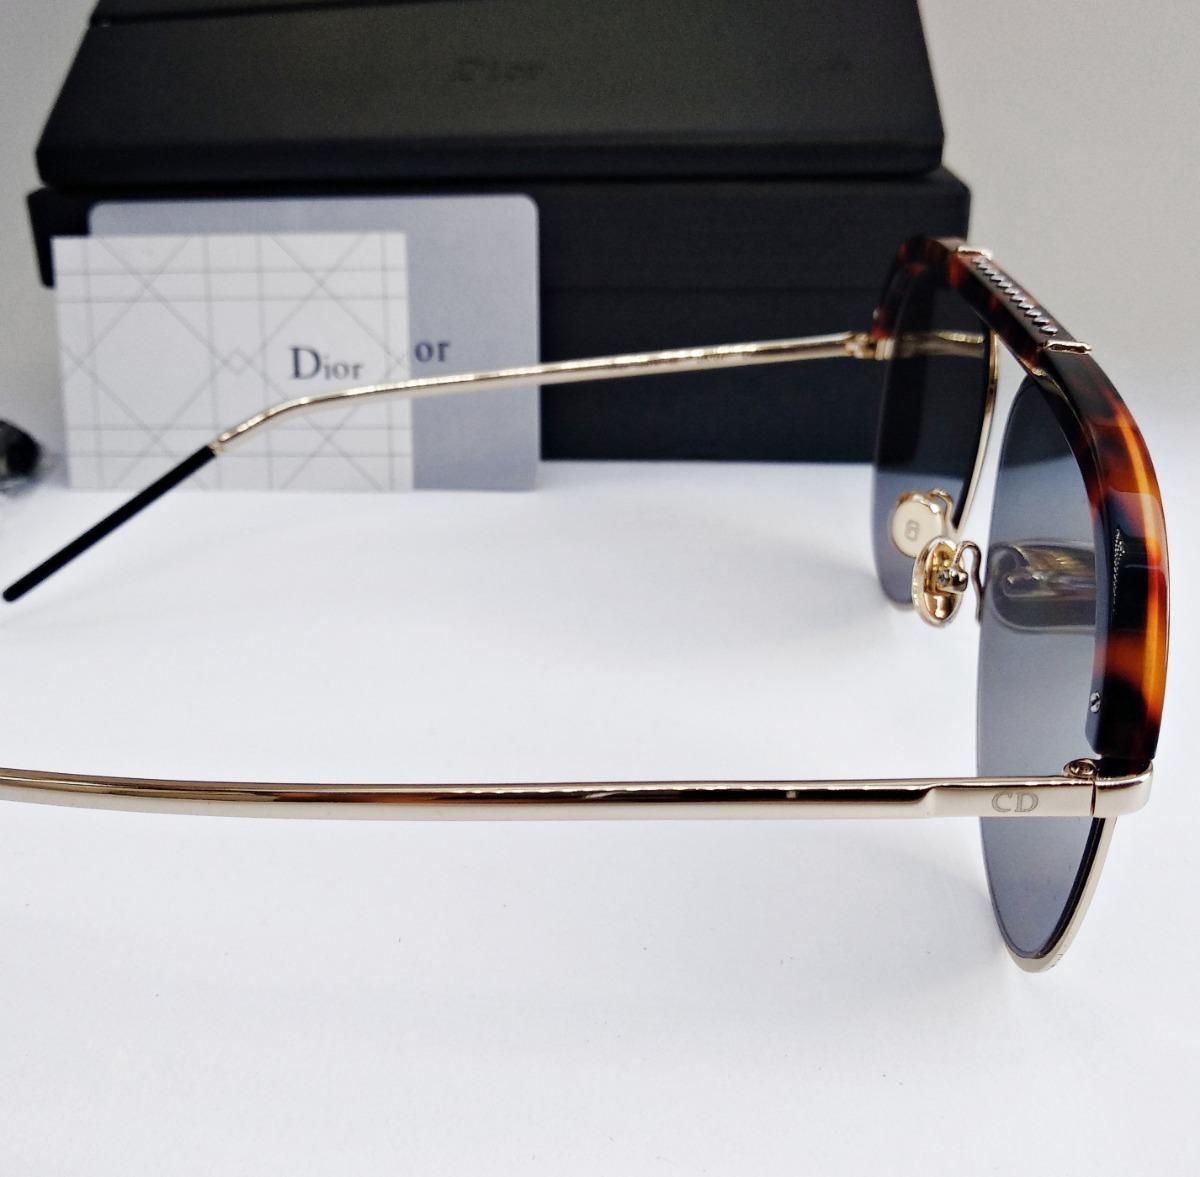 c89b0634615 Óculos De Sol Dior Desertic Kit Completo Pronta Entrega - R  449